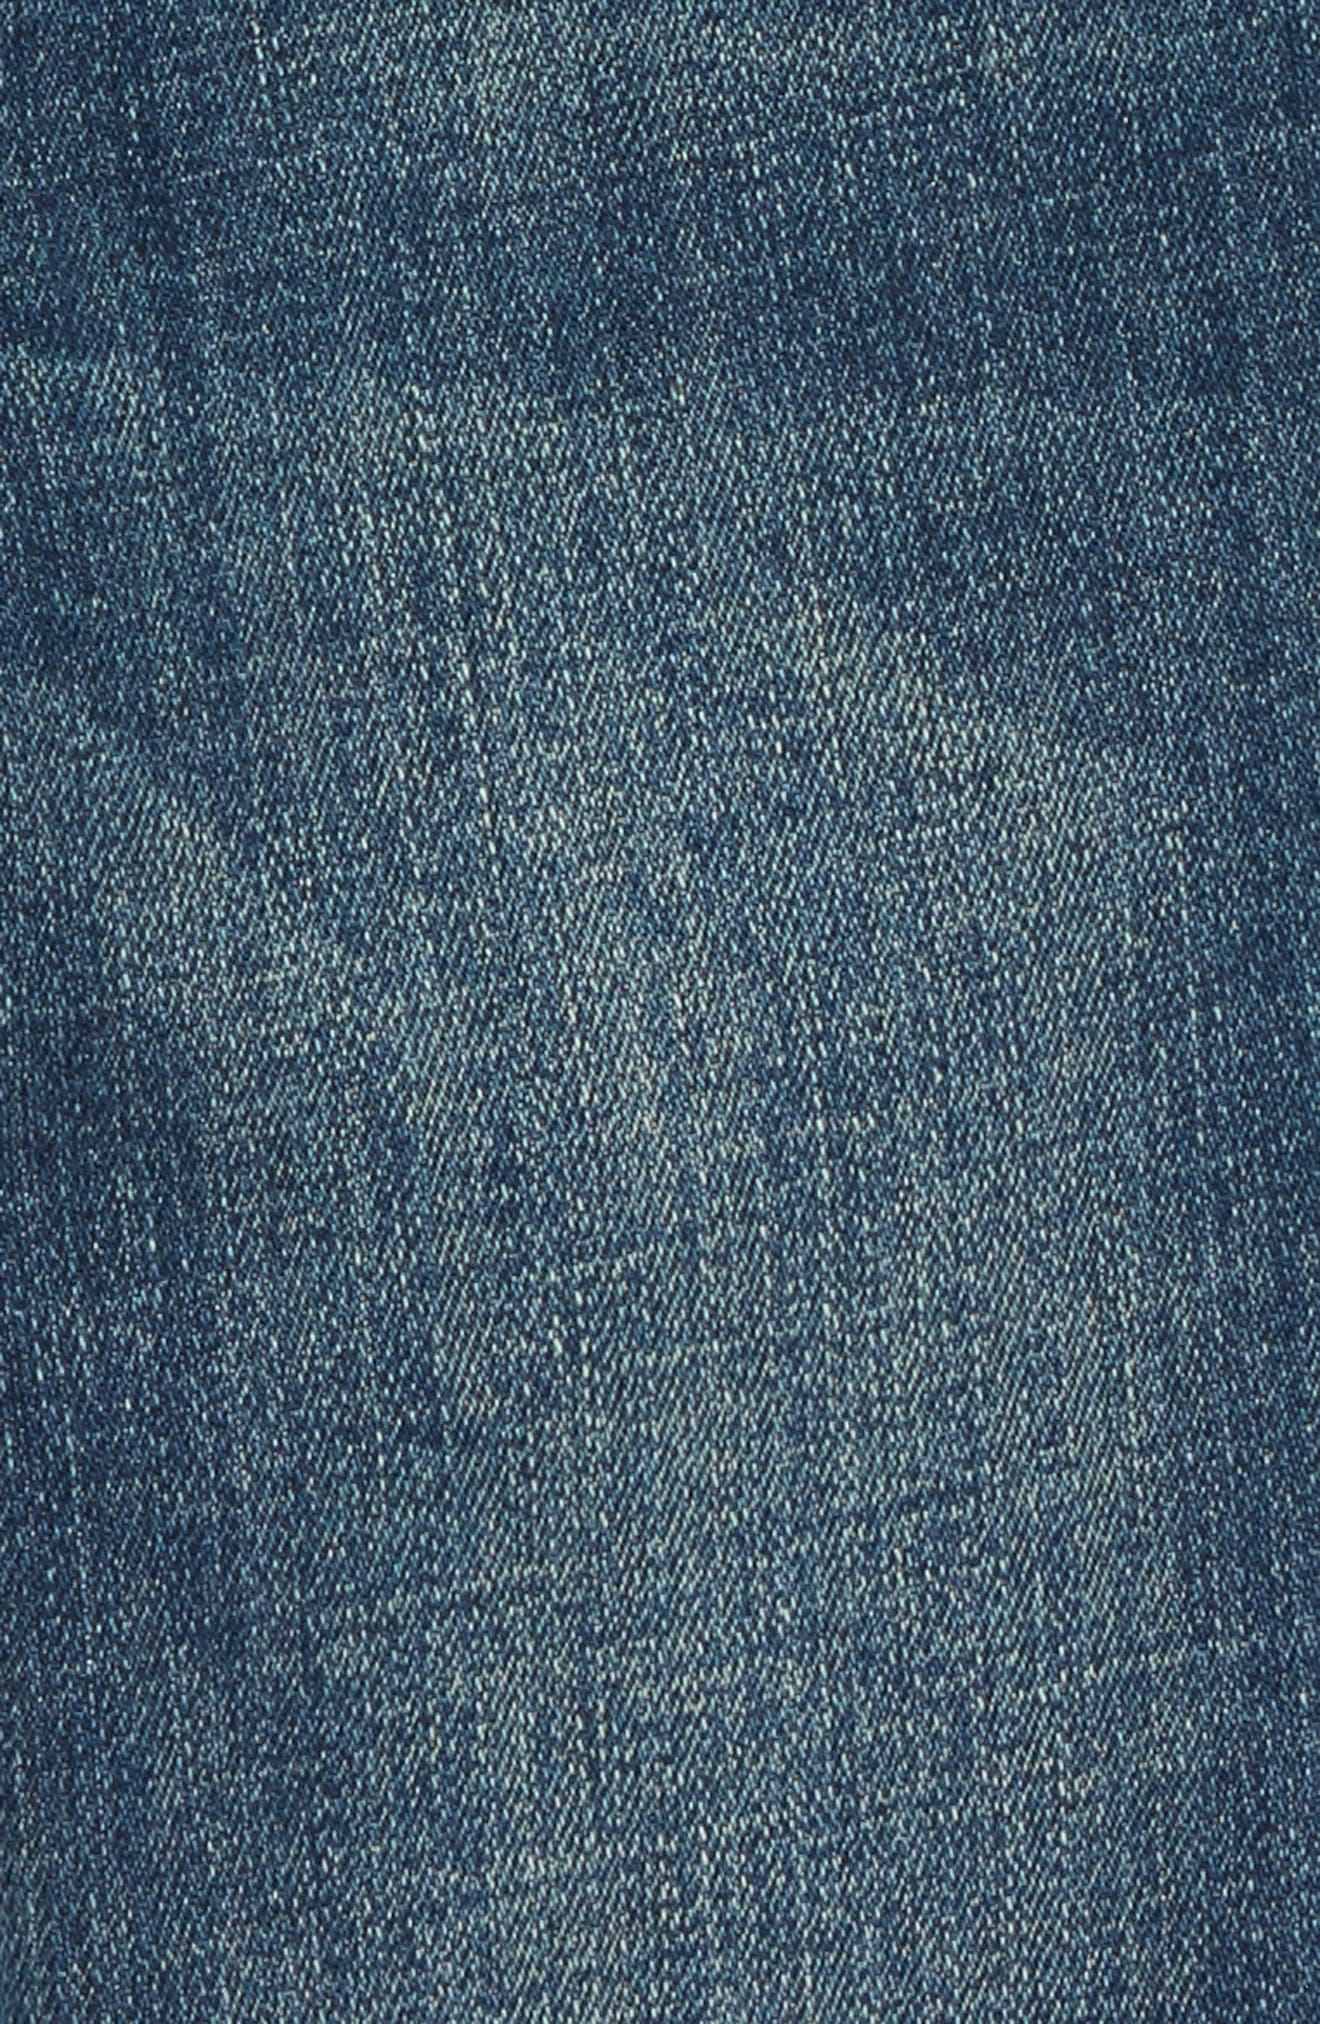 Tucker Jeans,                             Alternate thumbnail 3, color,                             000